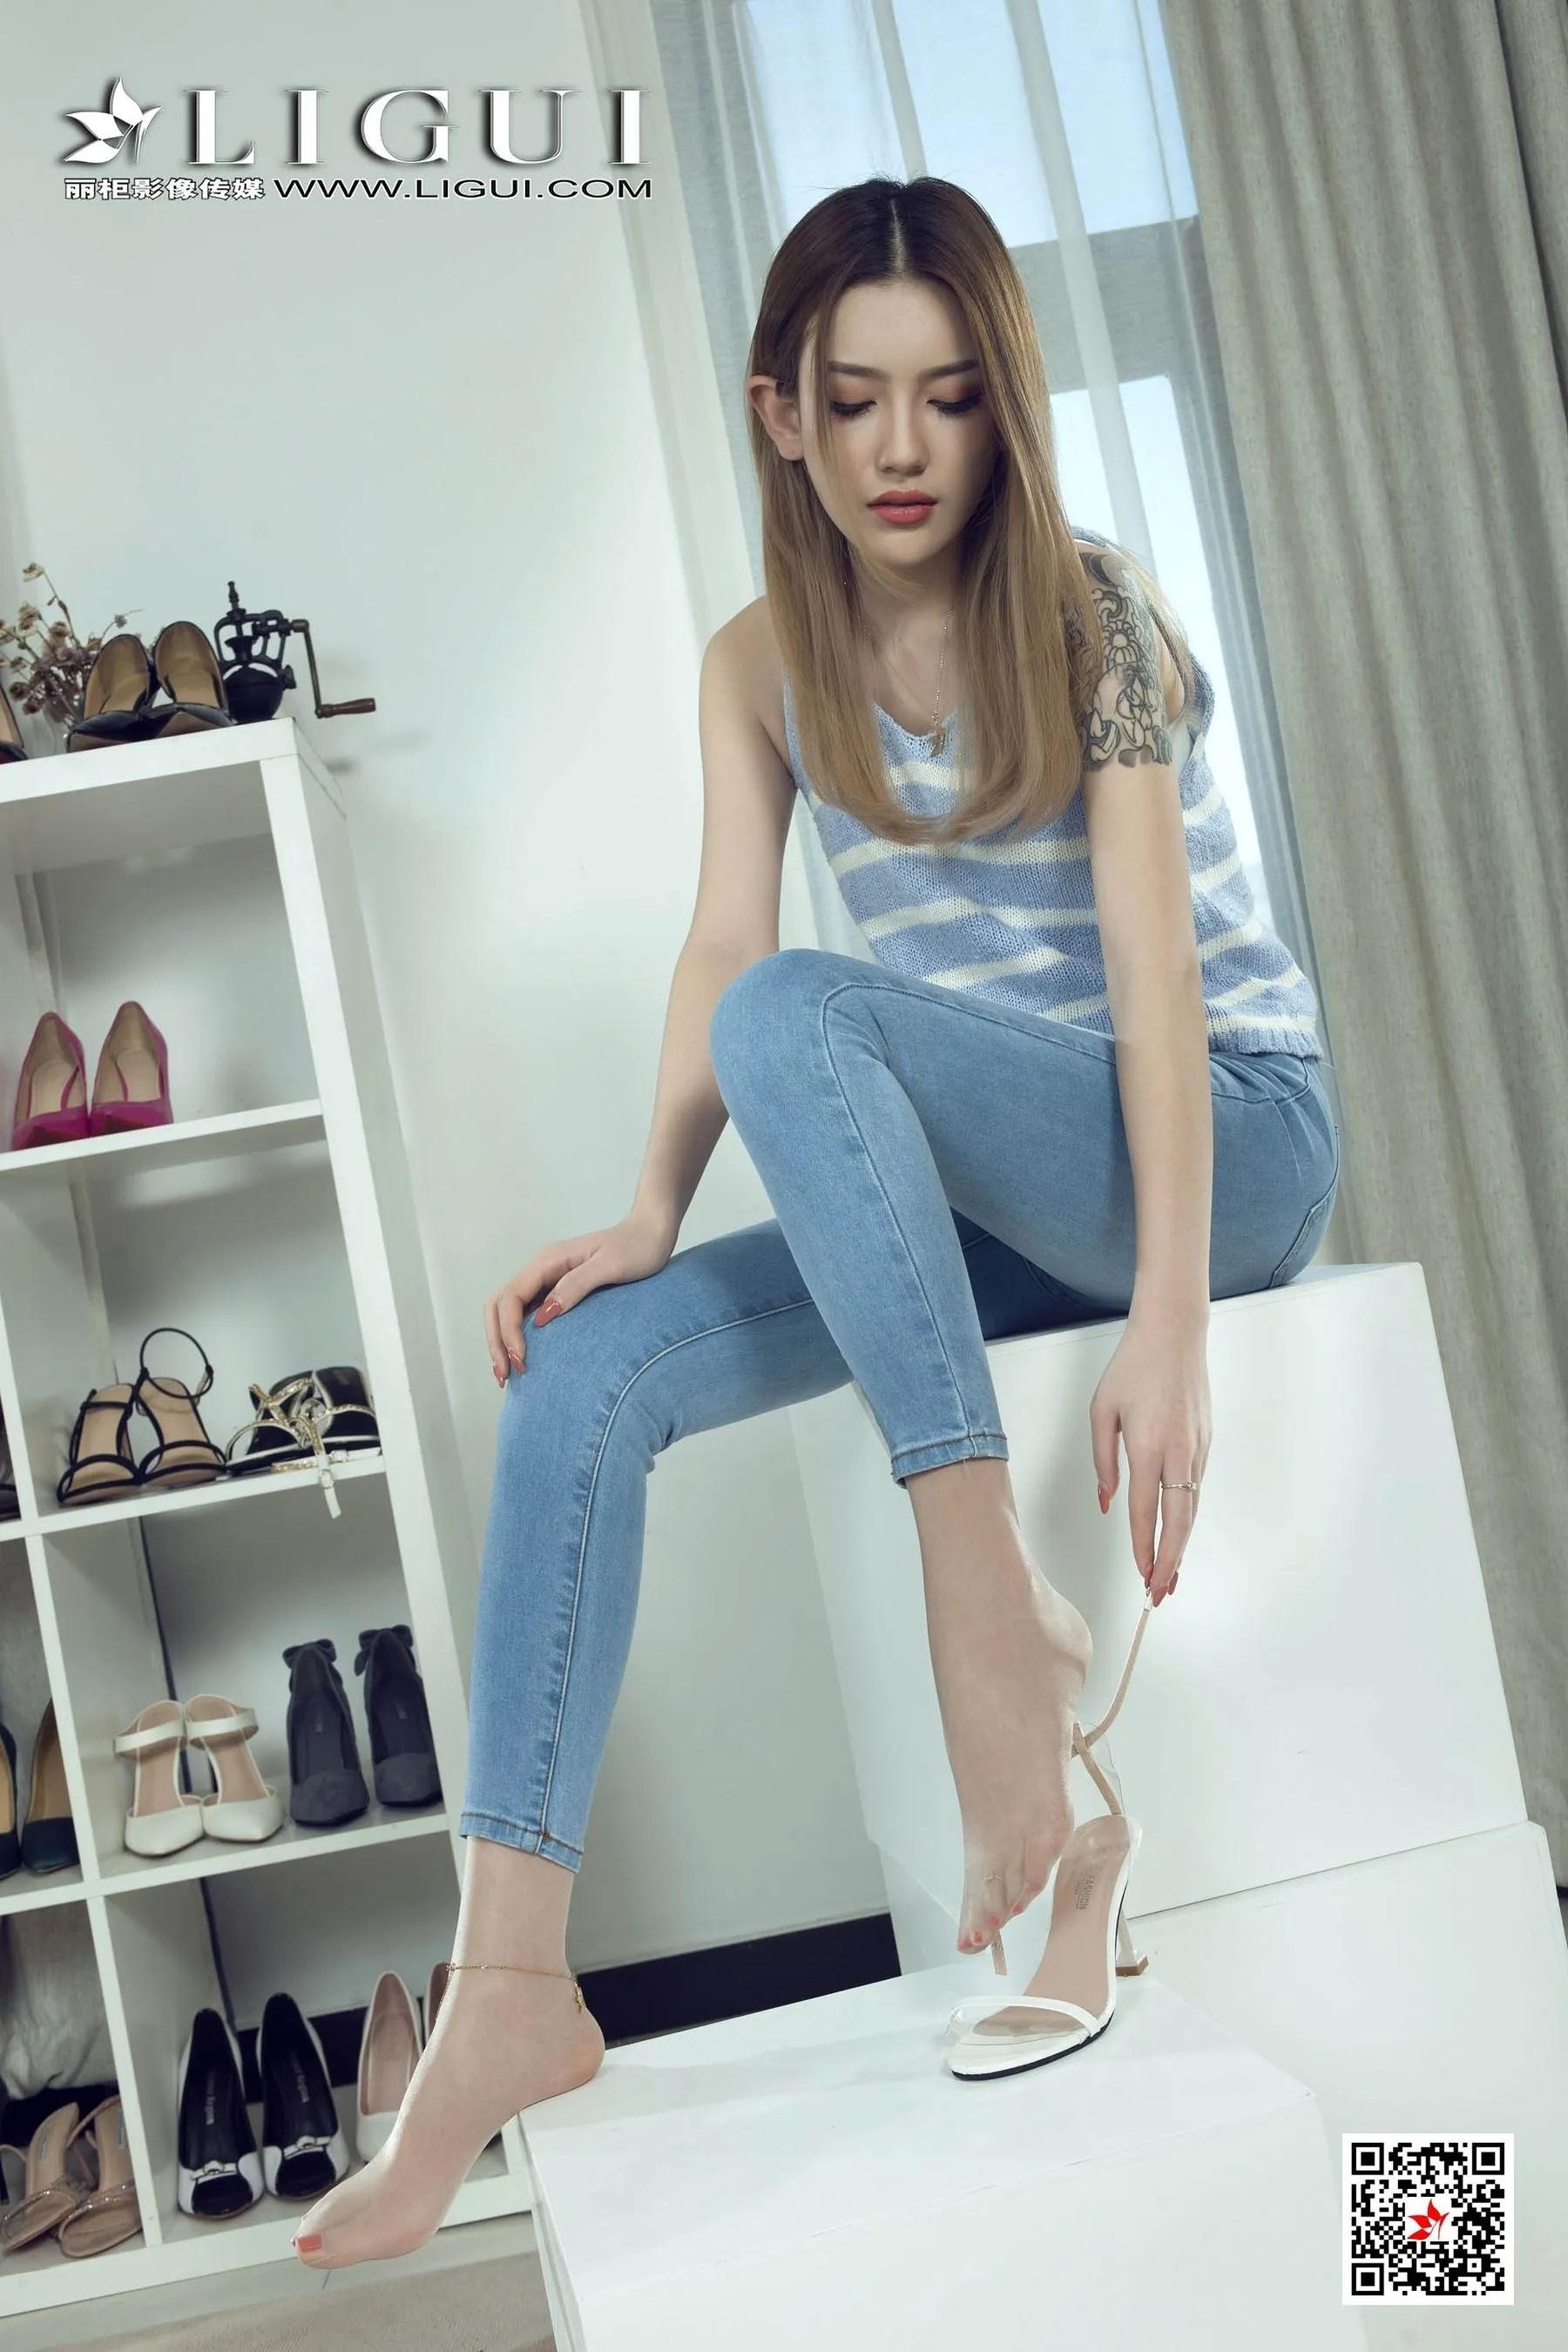 图片[2] - [丽柜Ligui] 网络丽人 Model 甜甜 《长腿牛仔女郎》 写真集[68P] - 唯独你没懂